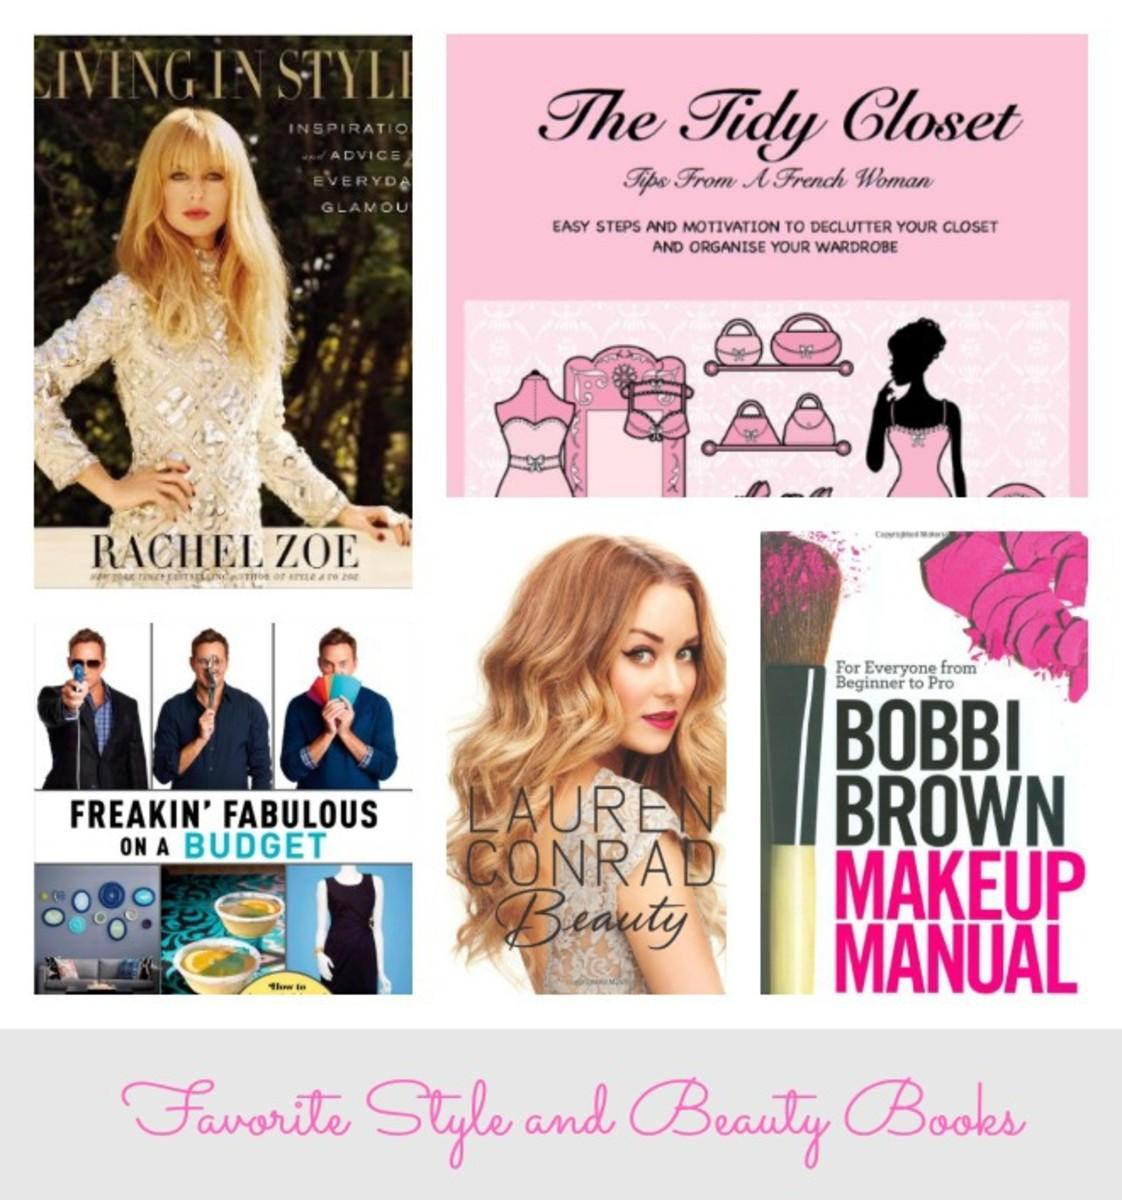 Bobbi Brown Makeup Manual: For Everyone From Beginner To